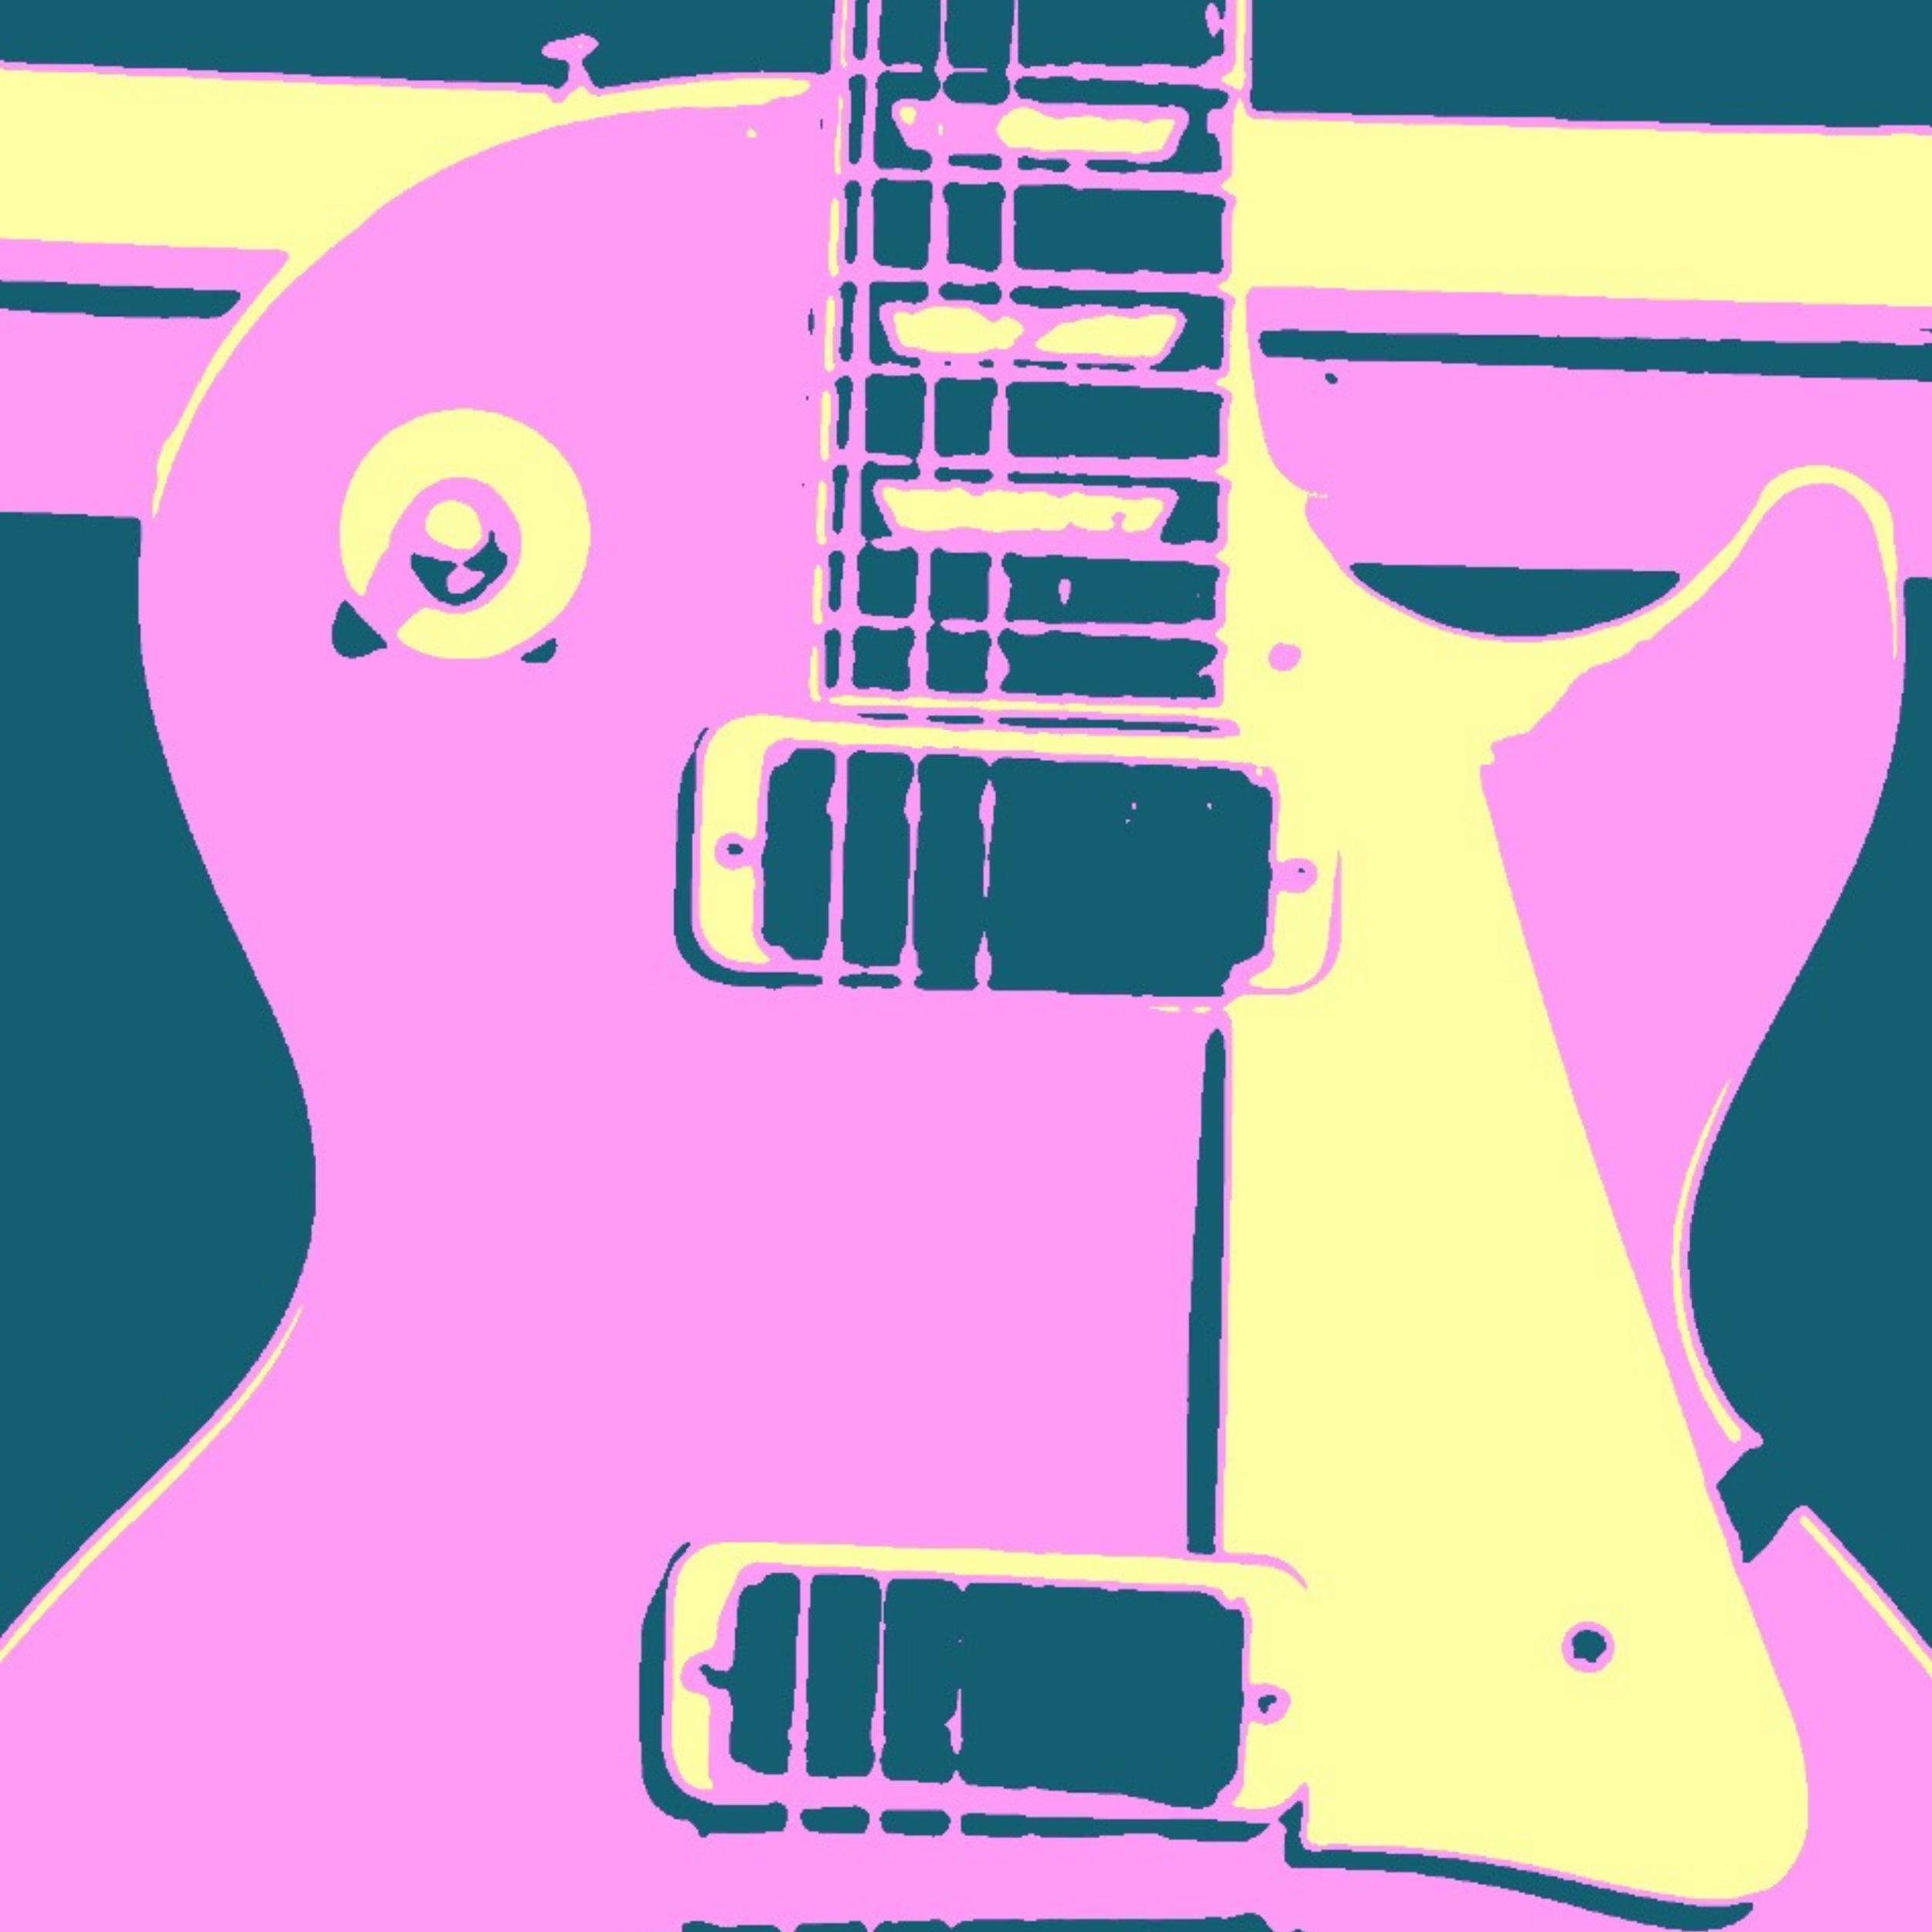 Les Paul Love Series-#LP1DPNK - Click to visit our guitar art store